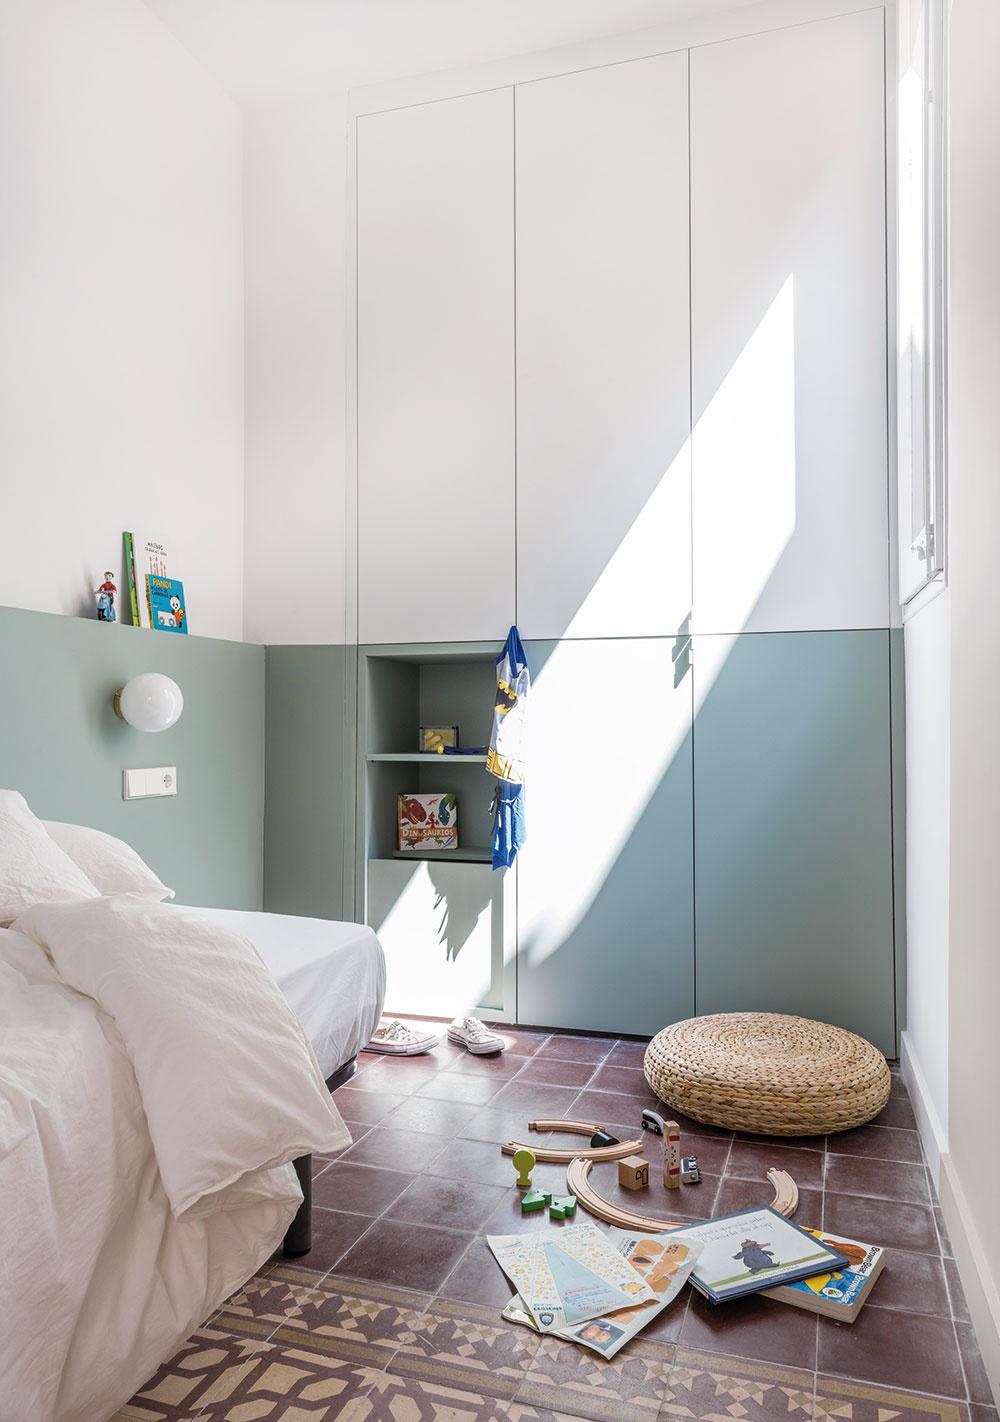 Nábytok vdetskej izbe si dali domáci urobiť na mieru. Horizontálna farebná línia plynule prechádza zo stien ina skrine, vďaka čomu pôsobí izba priestrannejšie.